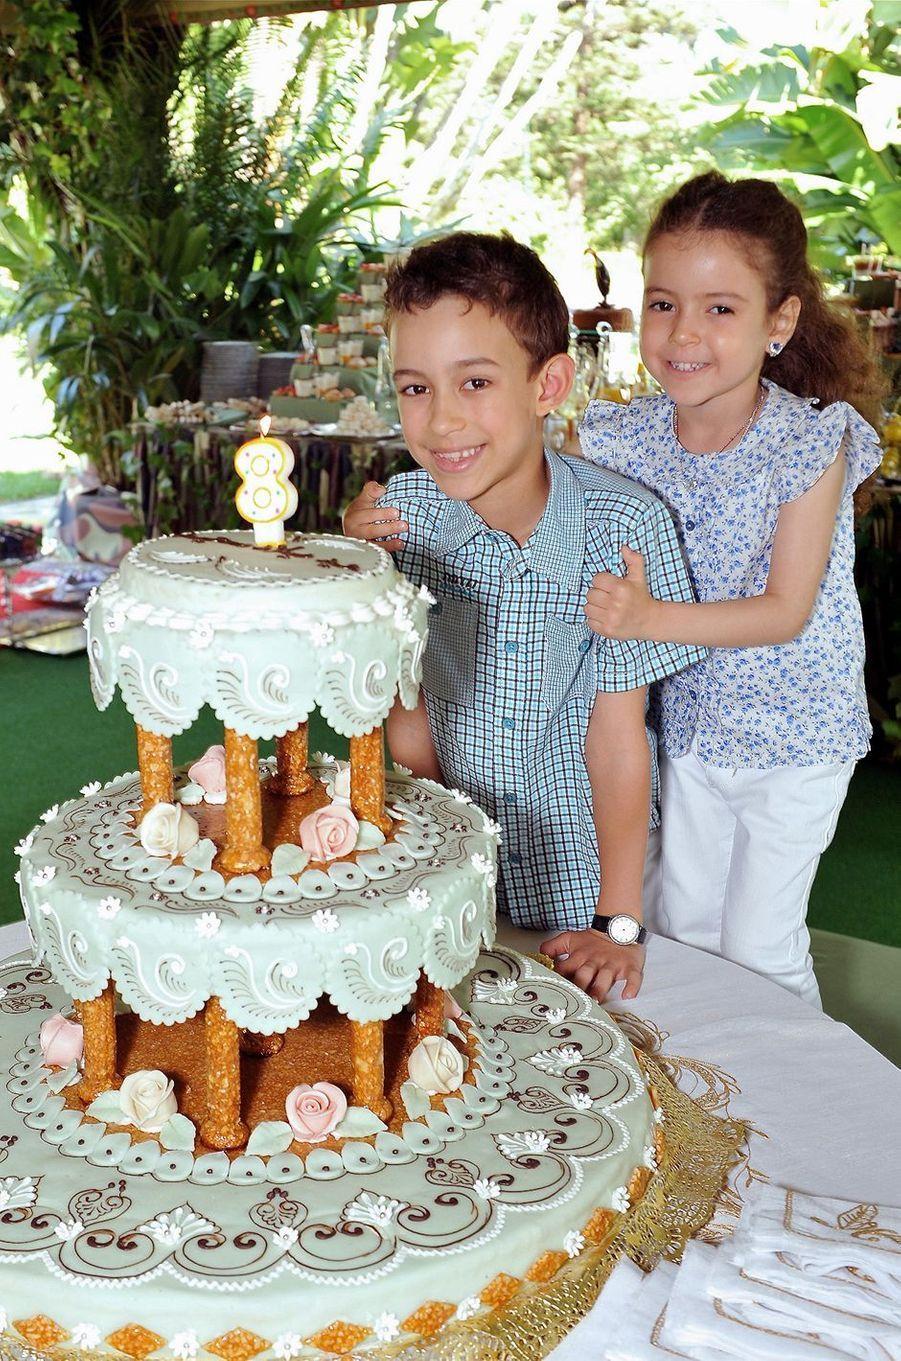 La princesse Lalla Khadija du Maroc avec son frère le prince Moulay El Hassan, le 8 mai 2011